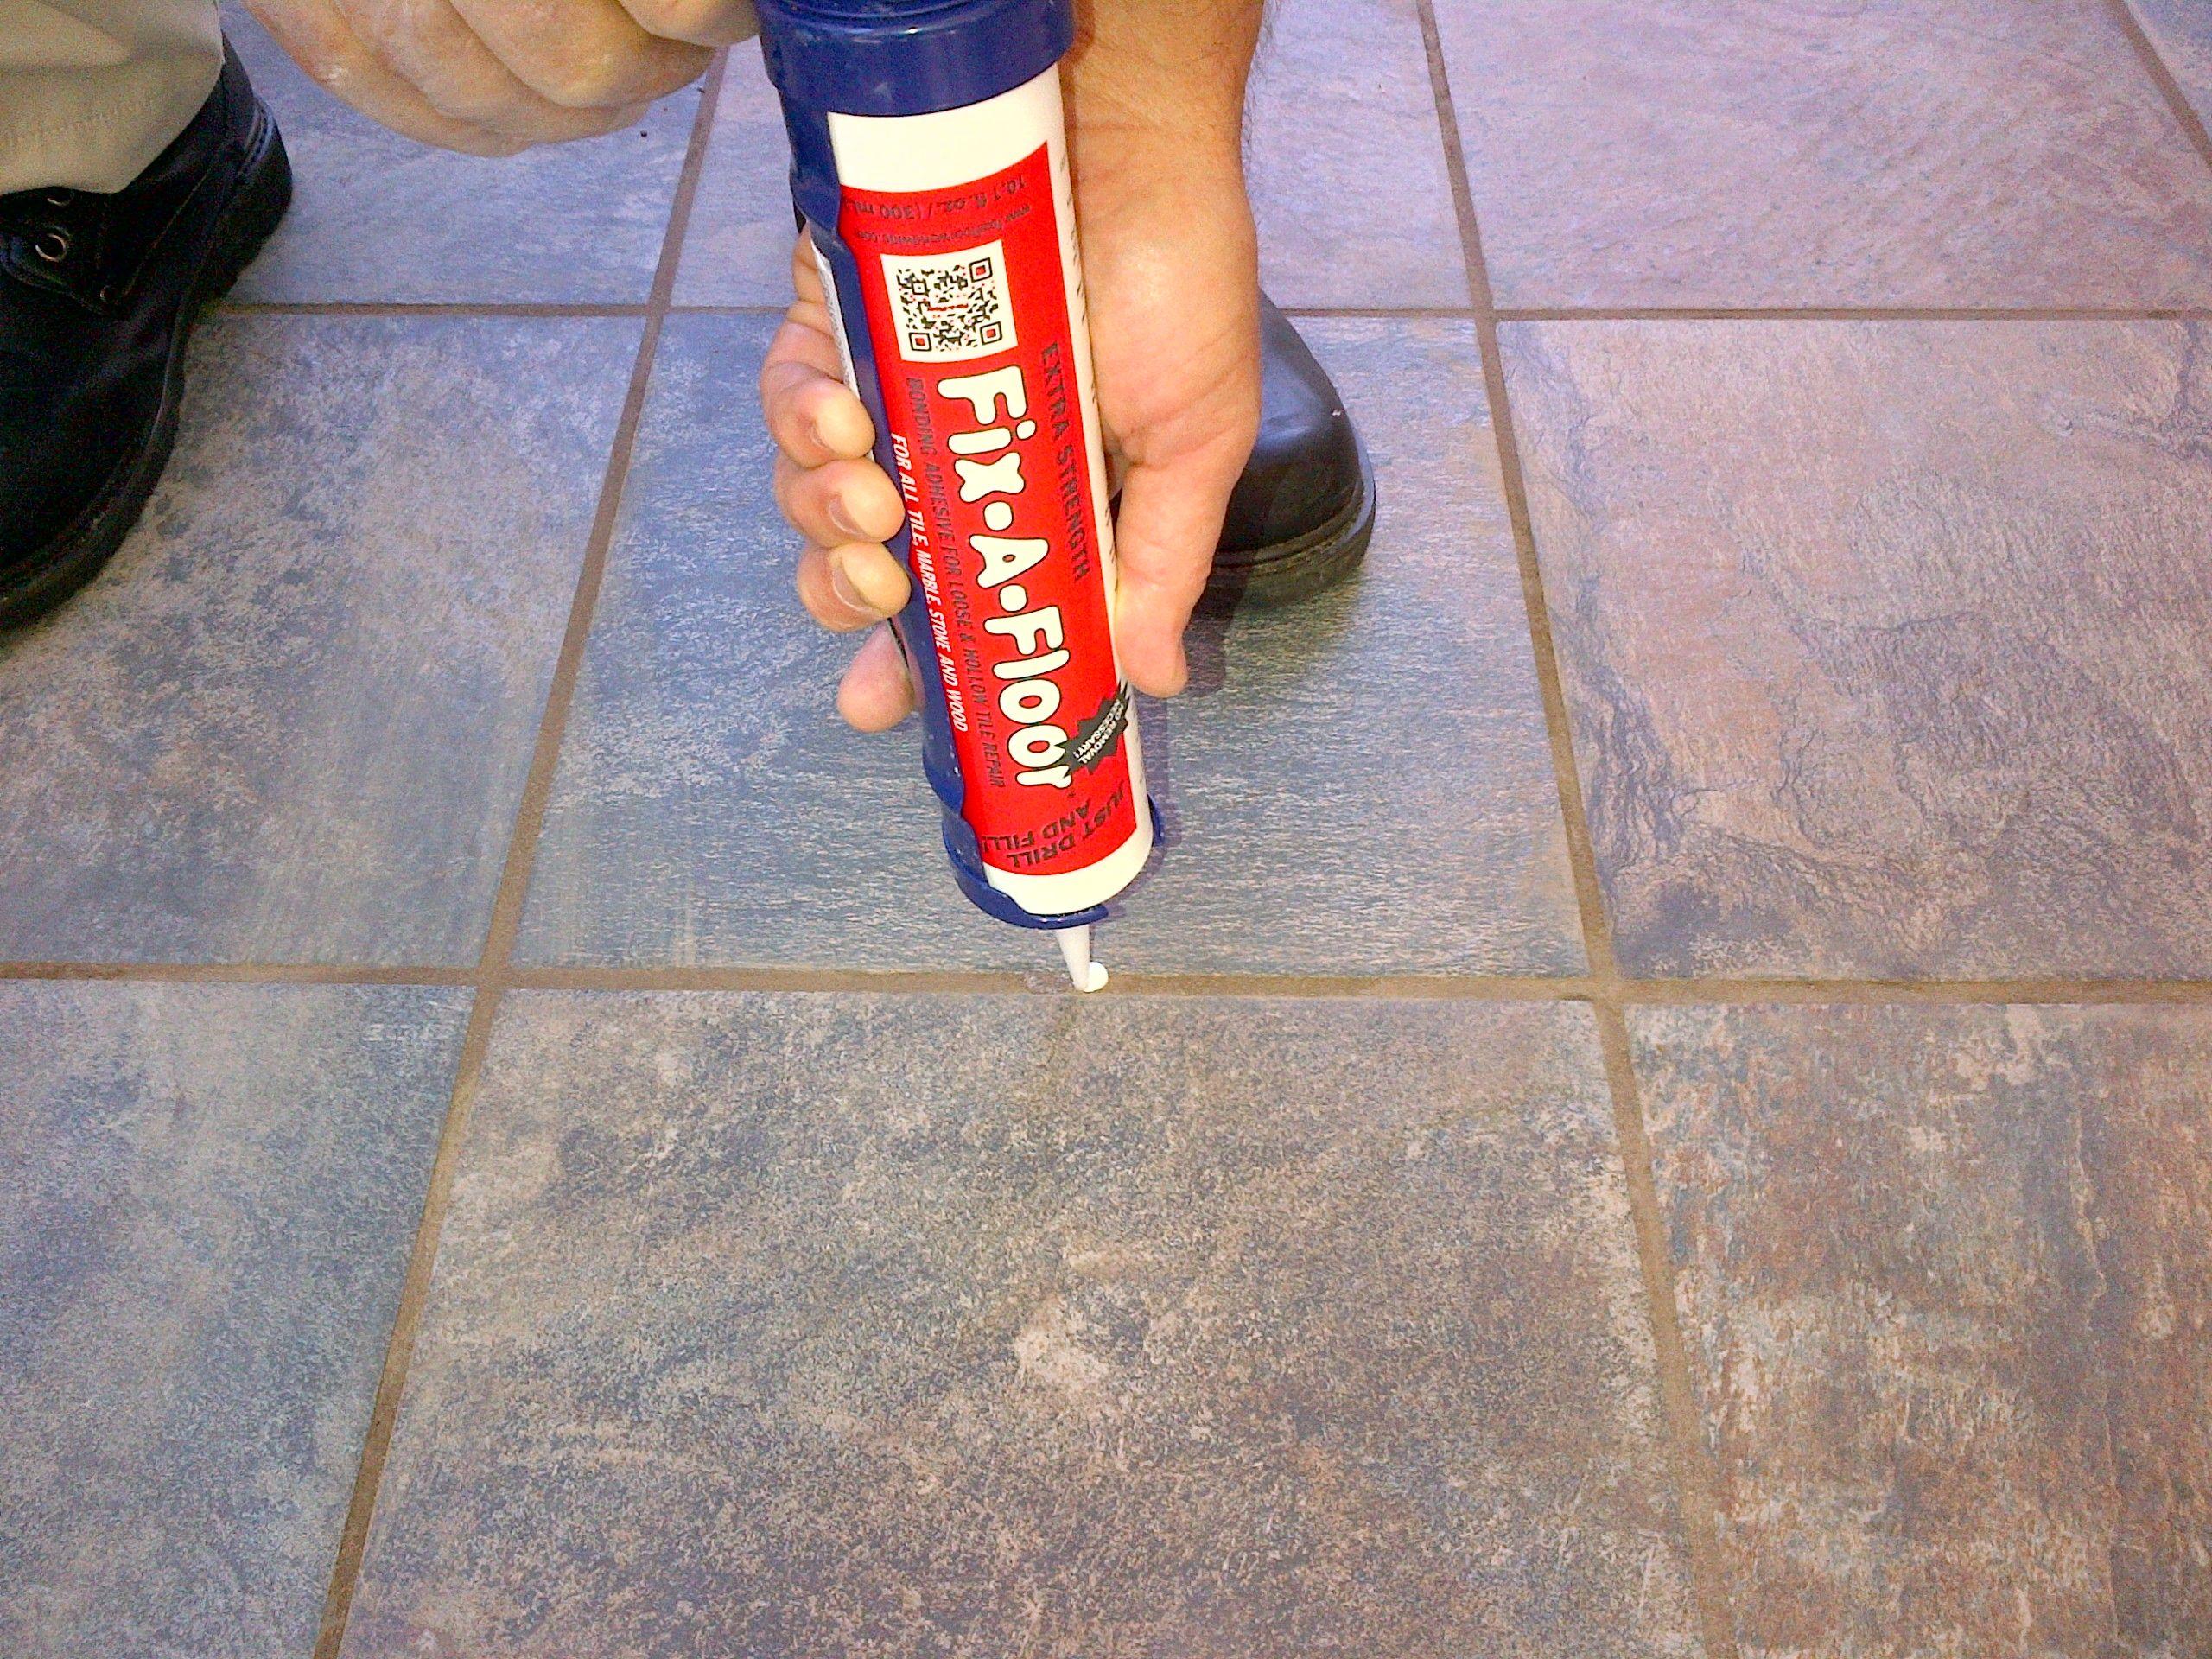 FIXAFLOOR Got Loose/Hollow Tiles? #DIY #contractors Save